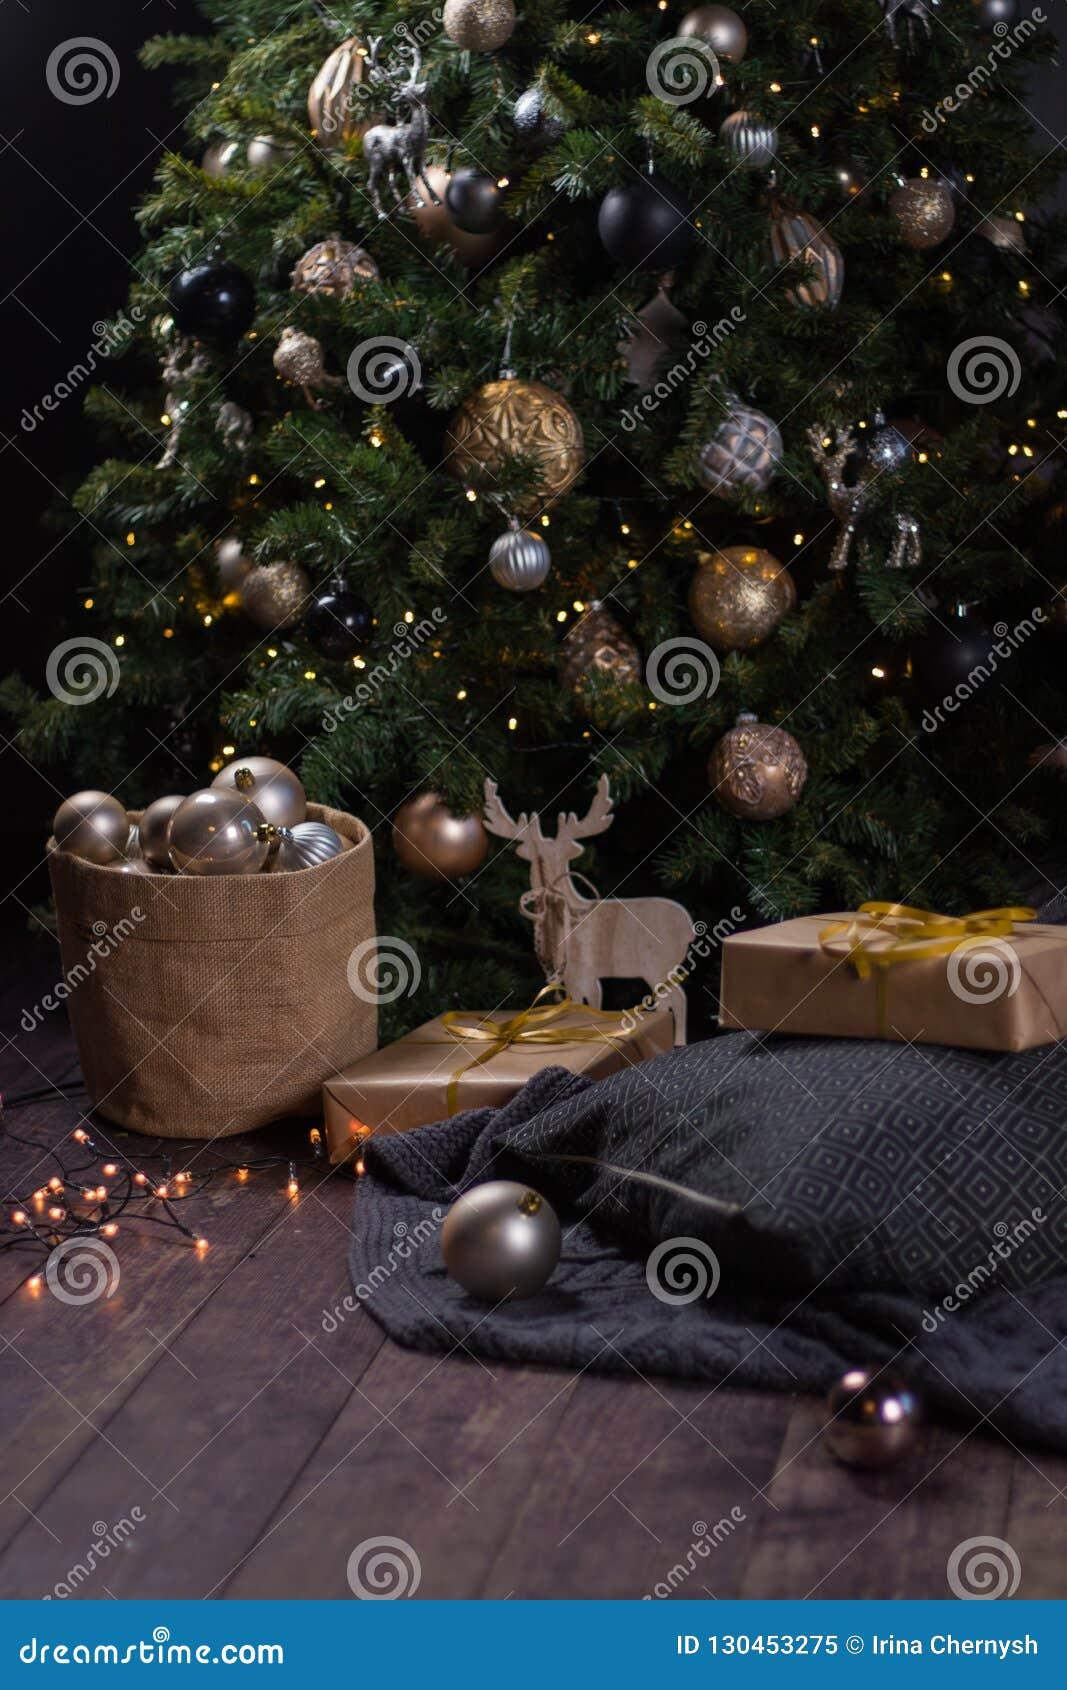 Vinterdekor: Julgran, girland, bollar, gåvor och hemtrevliga randiga och gråa pläd med kuddar